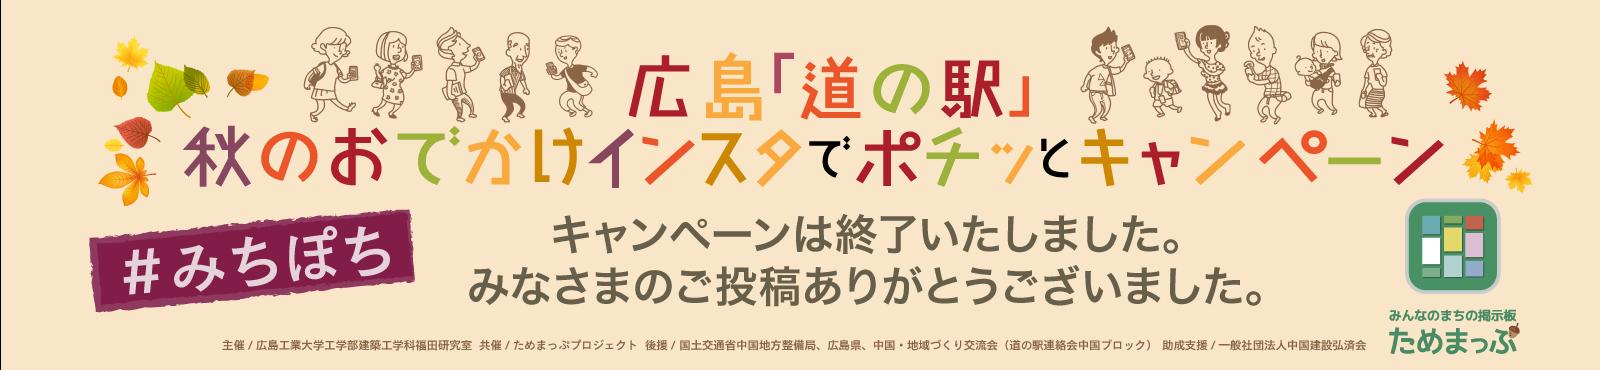 みちぽち 広島道の駅秋のおでかけインスタでポチッとキャンペーン